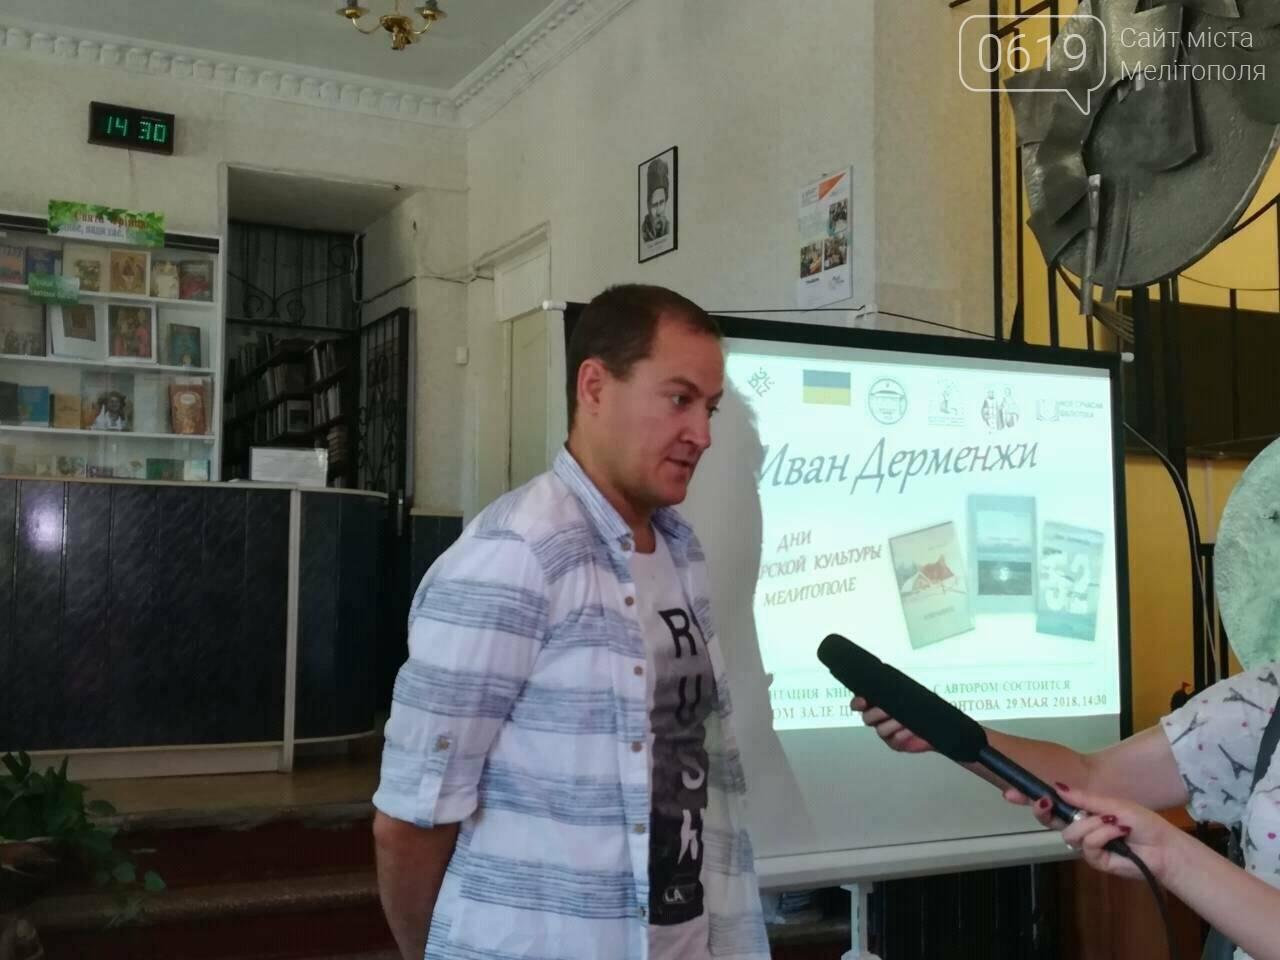 Мелитопольцы познакомились с творчеством поэта Ивана Дерменжи, фото-1